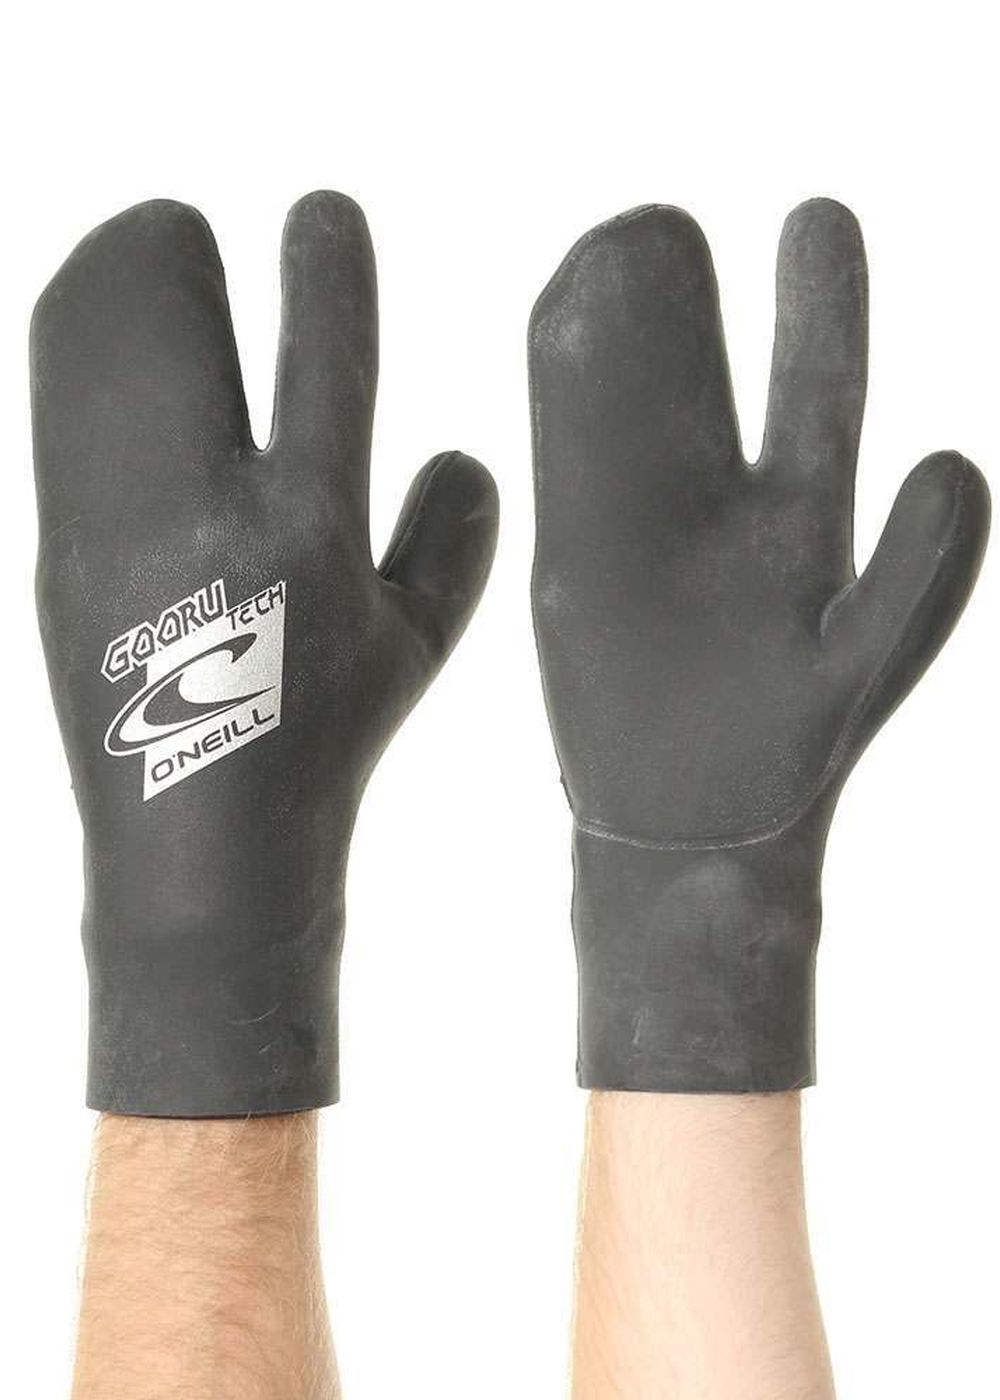 Oneill Gooru Tech 5mm Lobster Mitt Wetsuit Gloves Picture